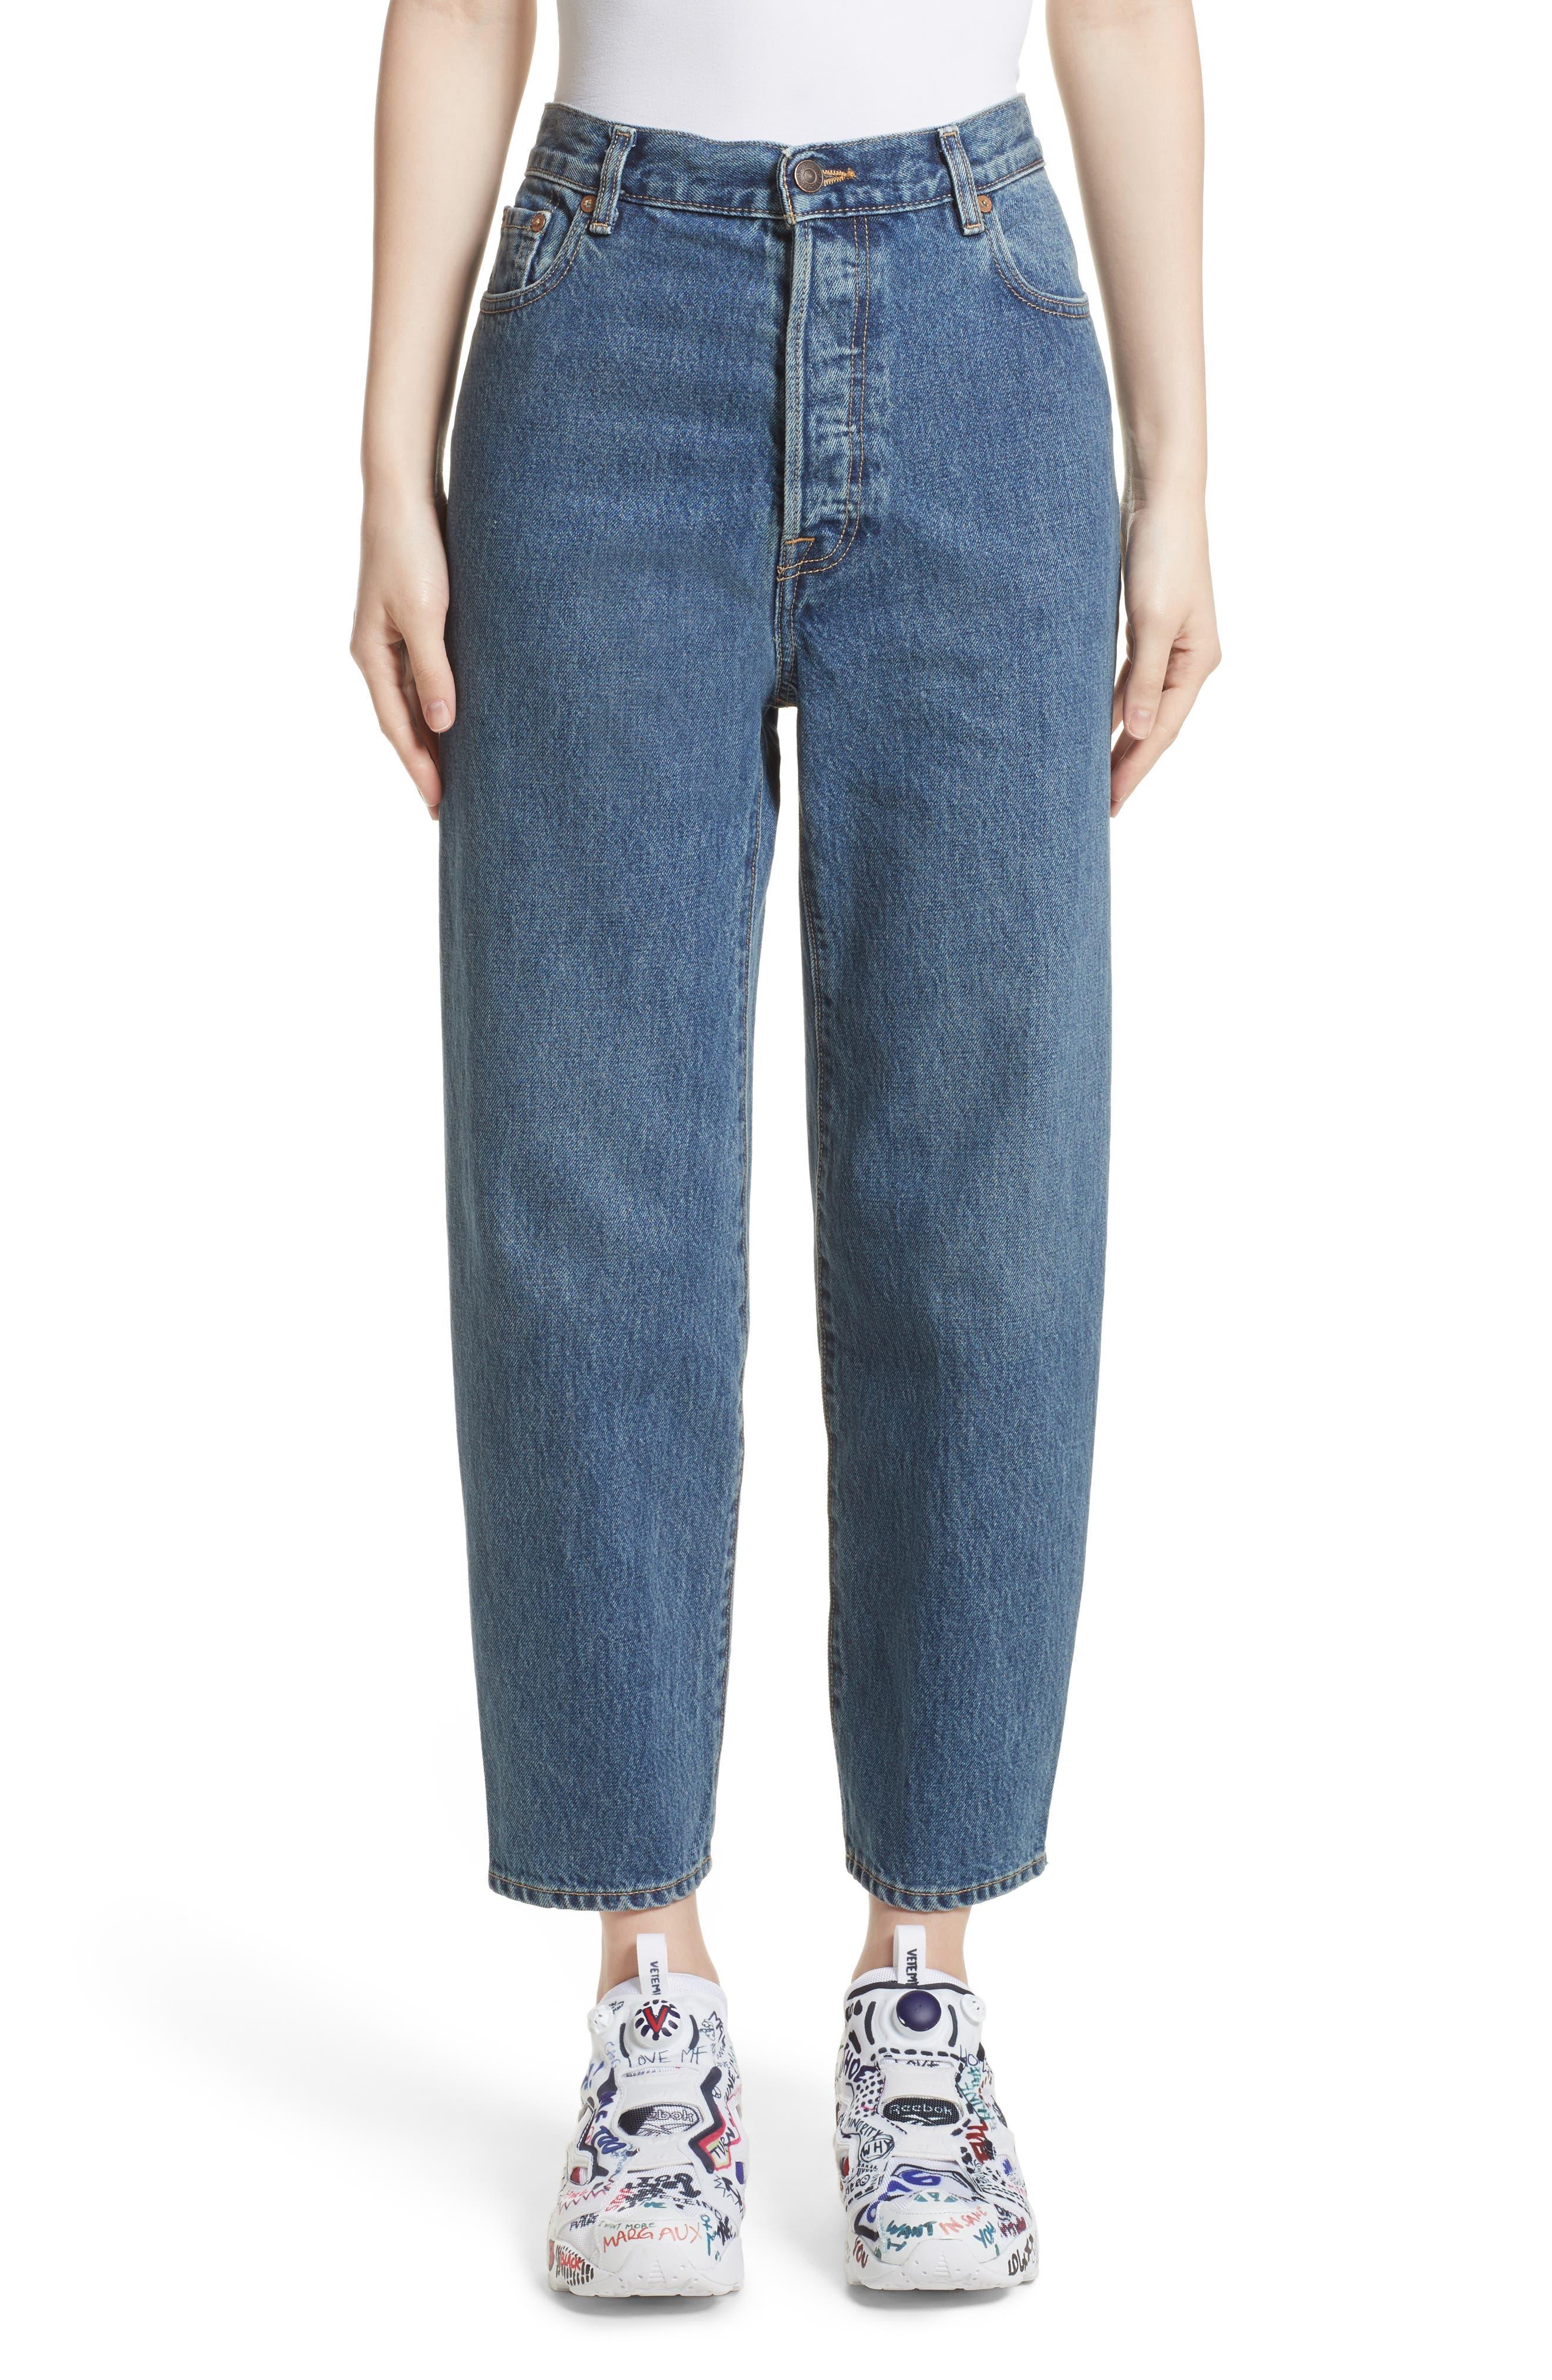 Vetements x Levi's® Classic High Waist Jeans